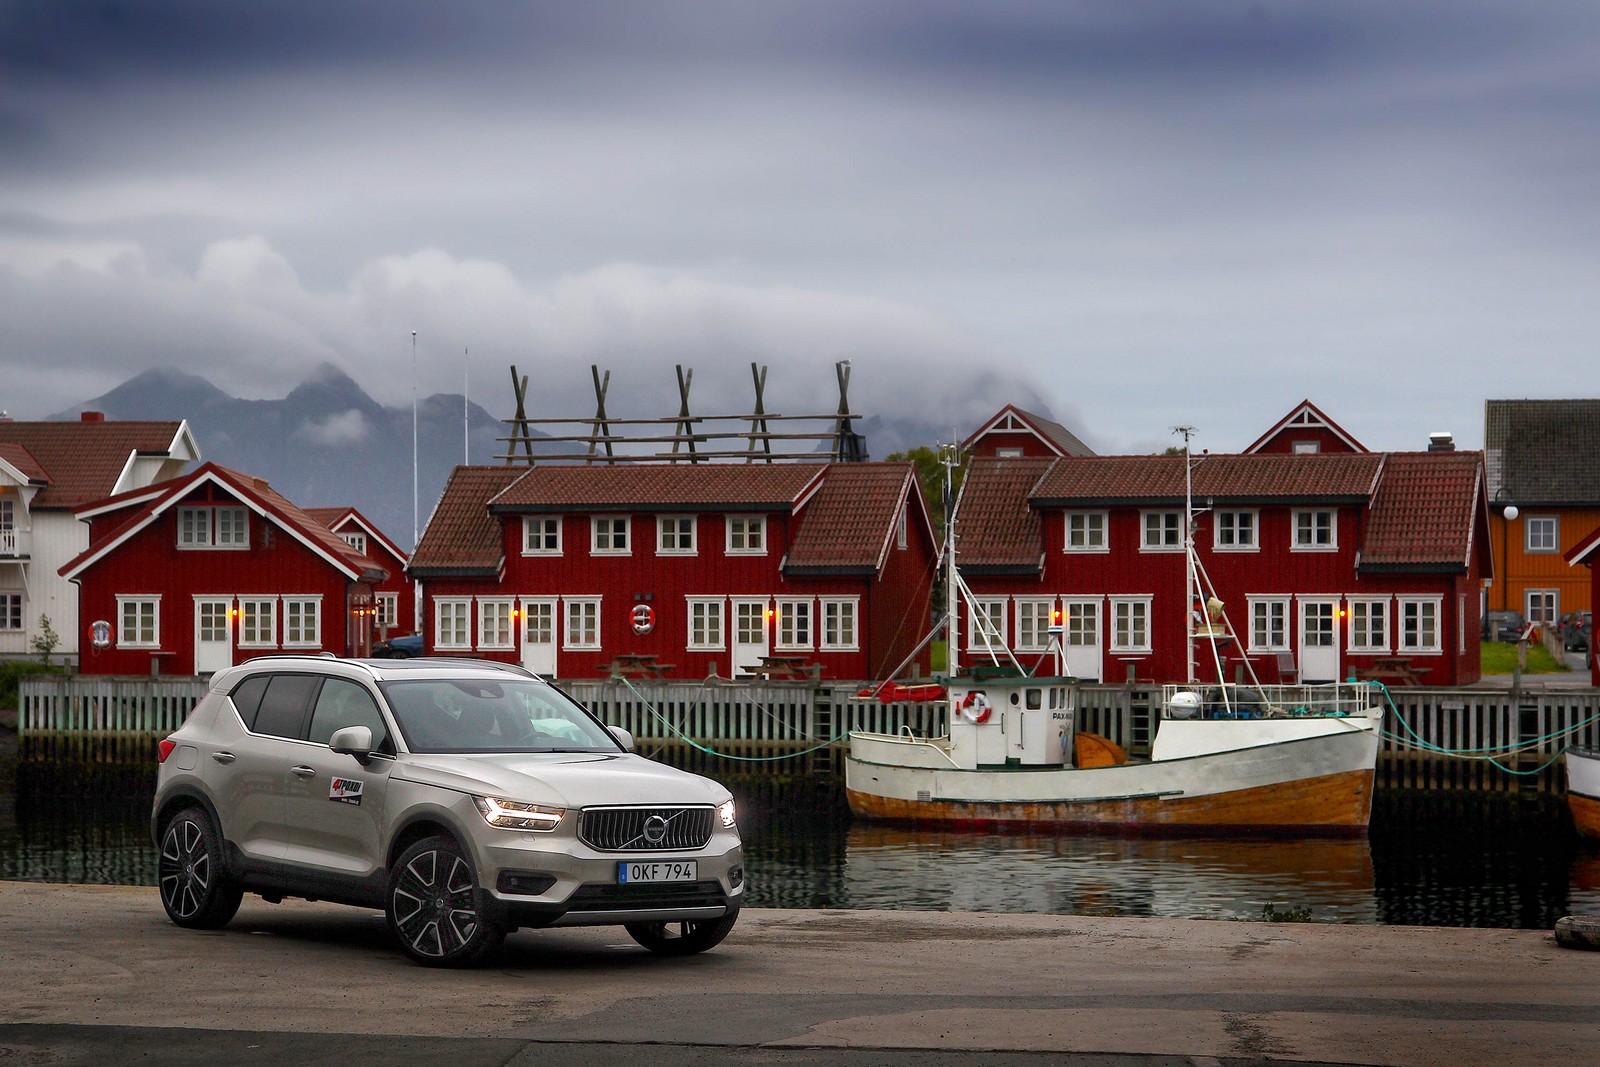 Καλύτερες τοποθεσίες γνωριμιών στη Νορβηγία